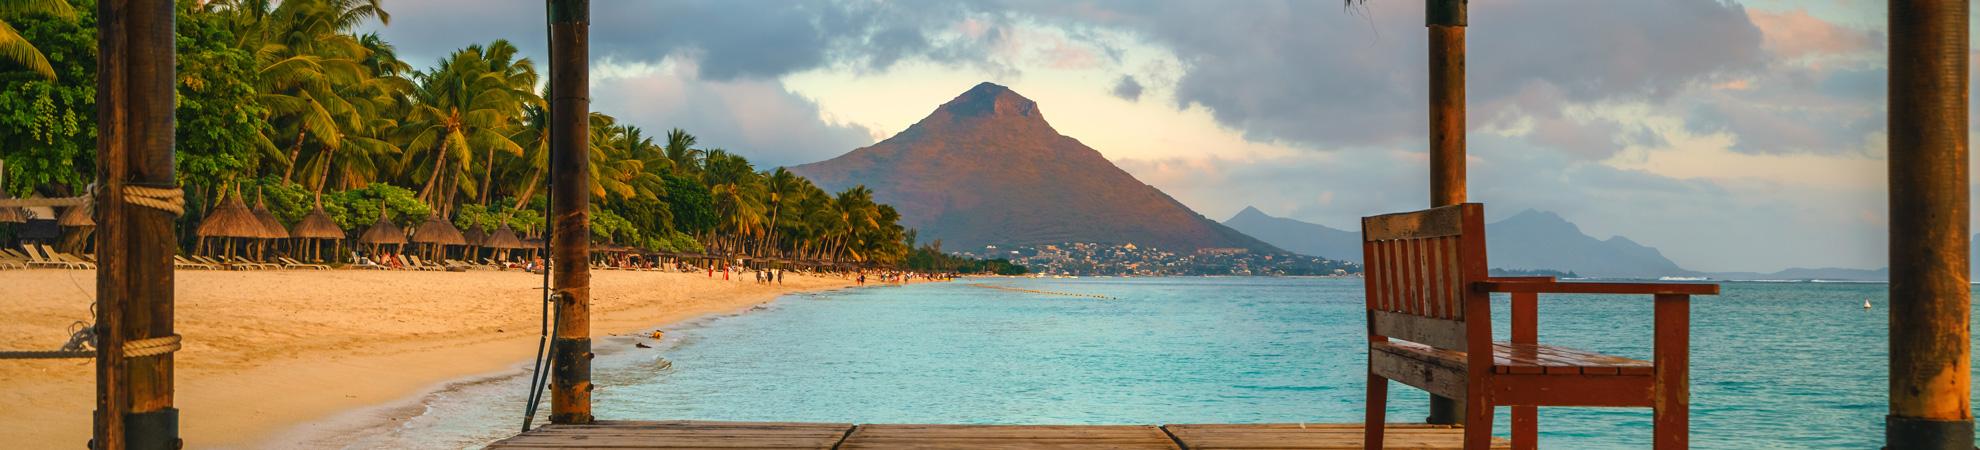 Voyage Île Maurice tout inclus